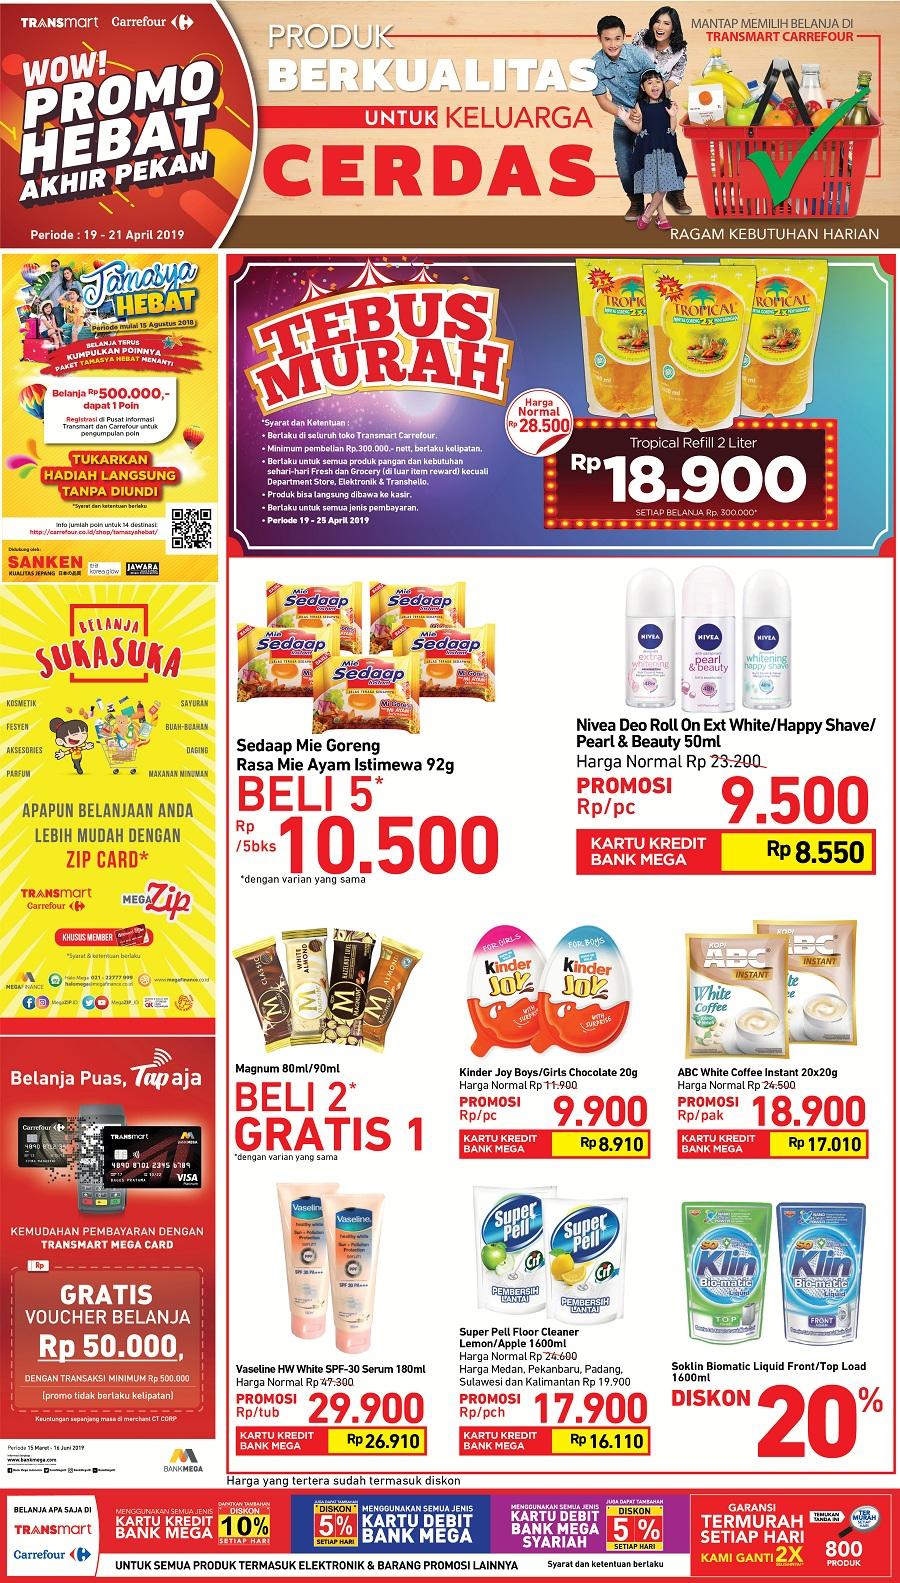 #Transmart #Carrefour - #Promo Akhir Pekan Periode 19 - 21 April 2019